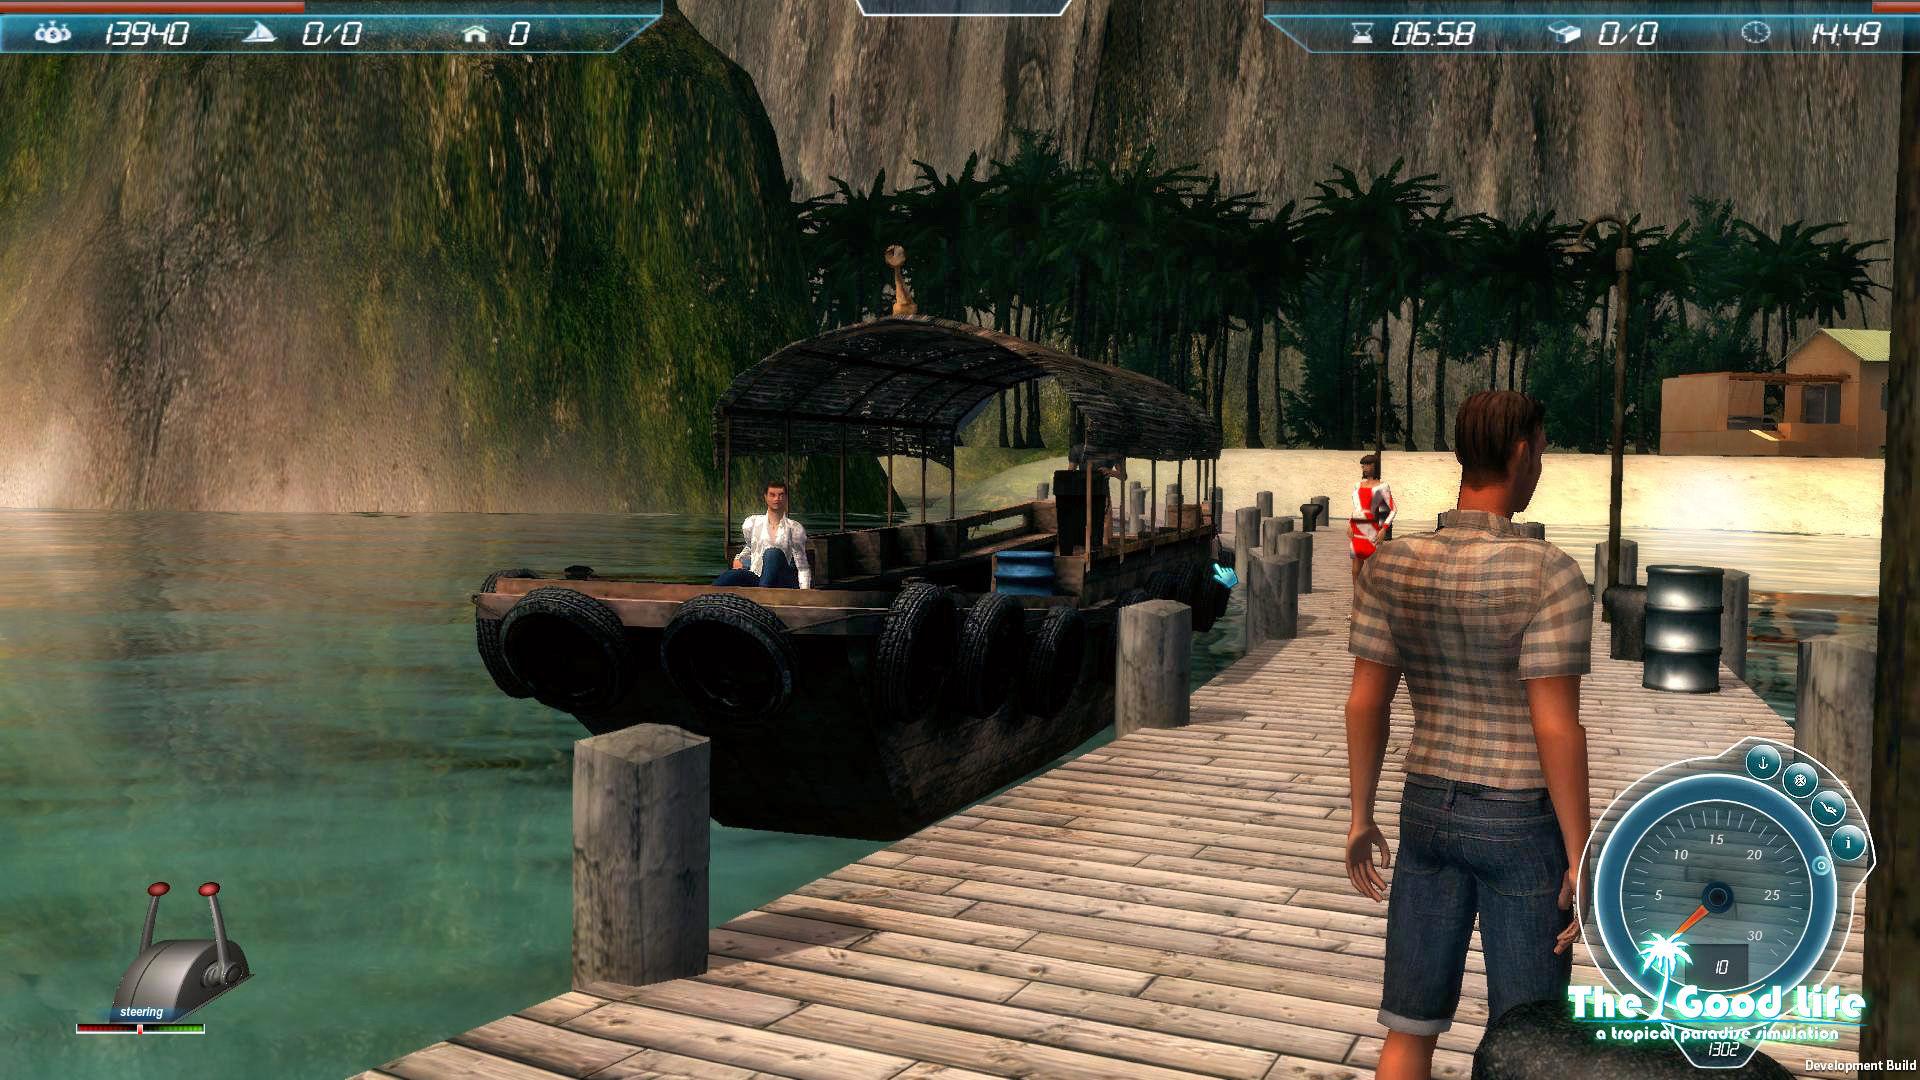 PC Simulation Games - Metacritic